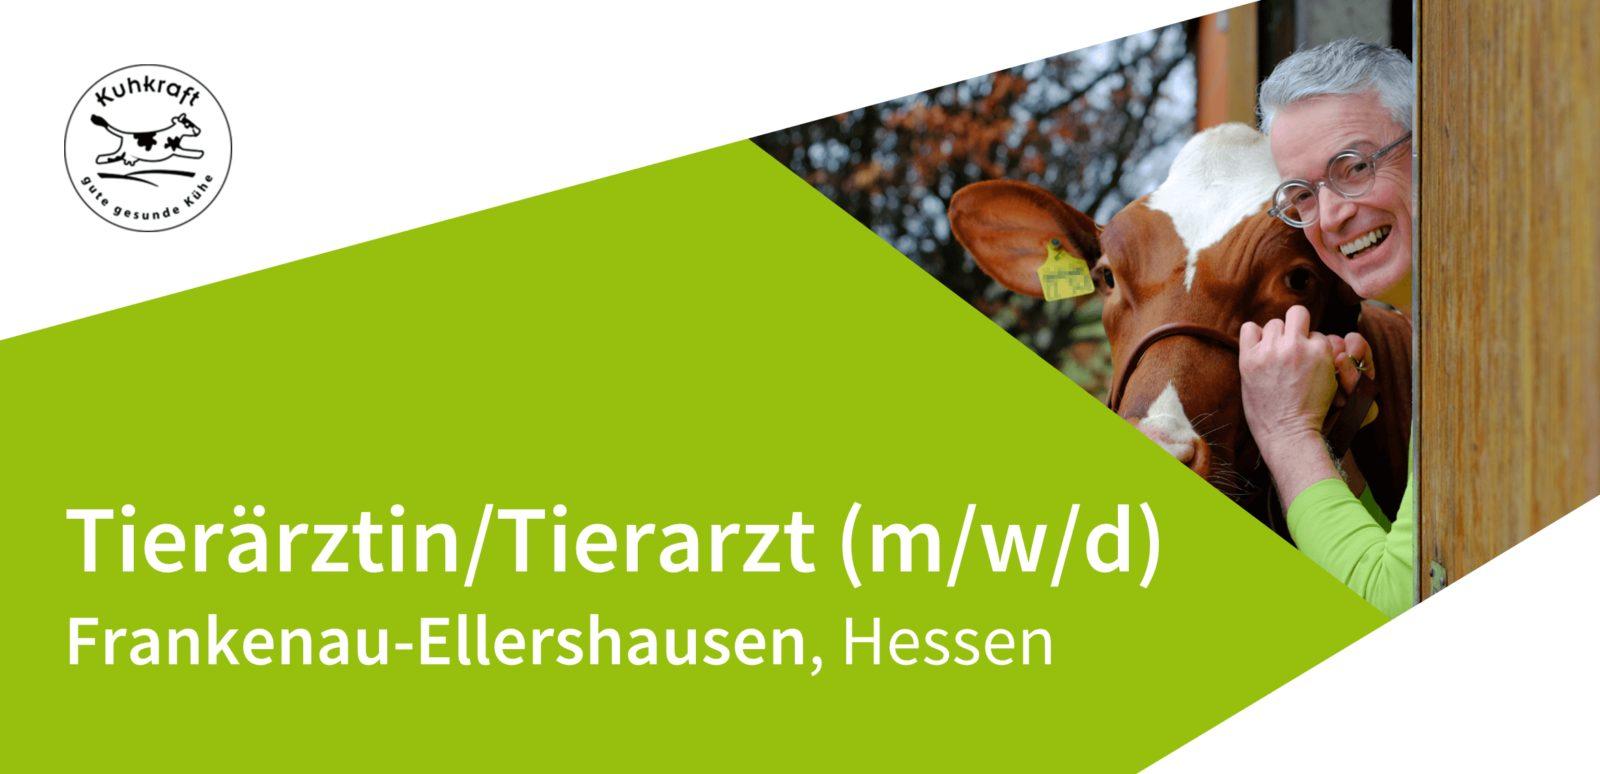 Kuhkraft - gute, gesunde Kühe - Tierärztin/Tierarzt (m/w/d) in Nordhessen gesucht